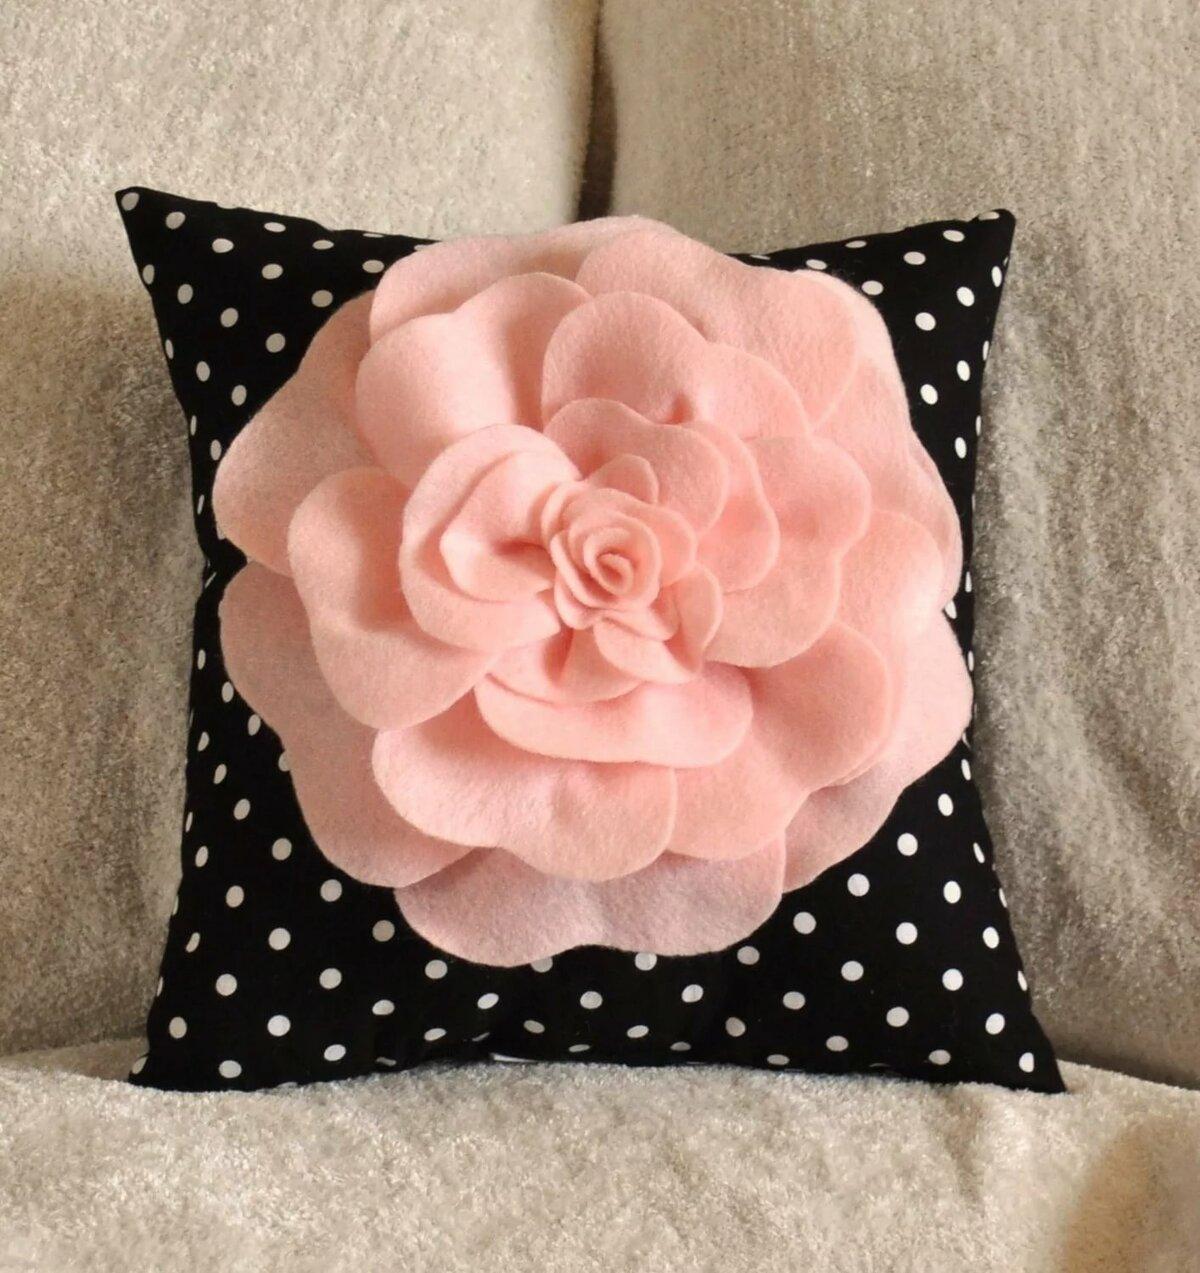 Декоративные подушки своими руками: фото идеи для красивого комфорта и уюта - домоводство - медиаплатформа миртесен